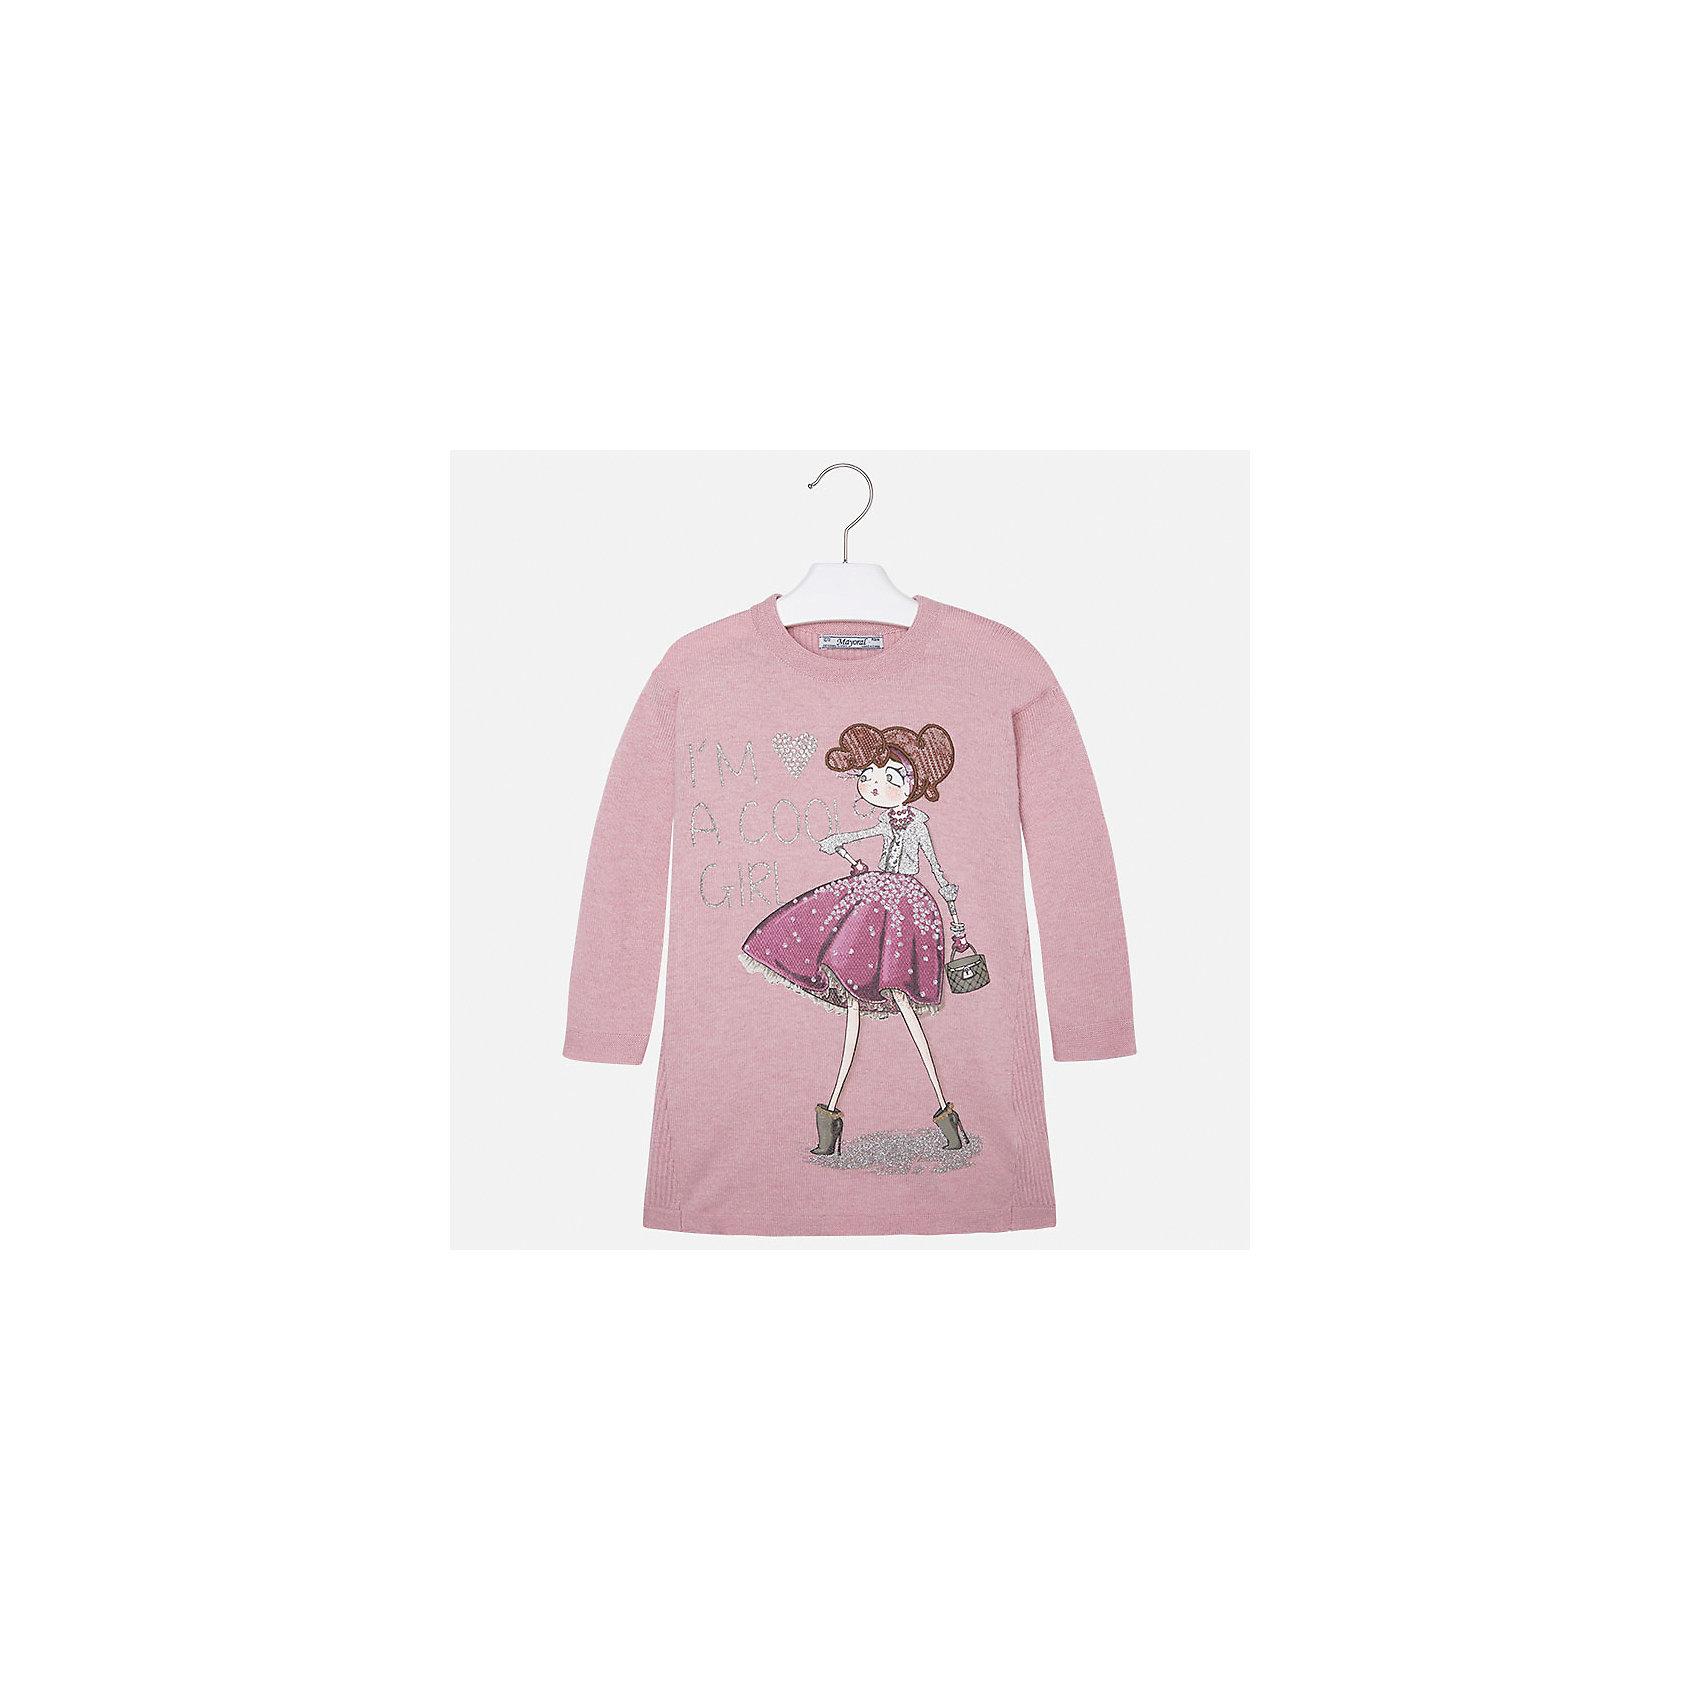 Платье для девочки MayoralПлатье для девочки от известного испанского бренда Mayoral (Майорал). Это модное и удобное платье с длинным рукавом сочетает в себе стиль и простоту. Приятный бледно-розовый цвет и яркий фото-принт украшенный стразами придут по вкусу вашей моднице. У платья свободный крой, слегка расширяющийся к низу. Отличное пополнение для сезона осень-зима. К этому платью подойдут как классические колготки, так и современные укороченные леггинсы.<br><br>Дополнительная информация:<br><br>- Силуэт: прямой<br>- Рукав: укороченный<br>- Длина: средняя<br><br>Состав: 50% хлопок, 50% акрил<br><br>Платье для девочки Mayoral (Майорал) можно купить в нашем интернет-магазине.<br><br>Подробнее:<br>• Для детей в возрасте: от 2 до 9 лет<br>• Номер товара: 4844511<br>Страна производитель: Индия<br><br>Ширина мм: 236<br>Глубина мм: 16<br>Высота мм: 184<br>Вес г: 177<br>Цвет: розовый<br>Возраст от месяцев: 18<br>Возраст до месяцев: 24<br>Пол: Женский<br>Возраст: Детский<br>Размер: 122,92,110,104,98,116,134,128<br>SKU: 4844511